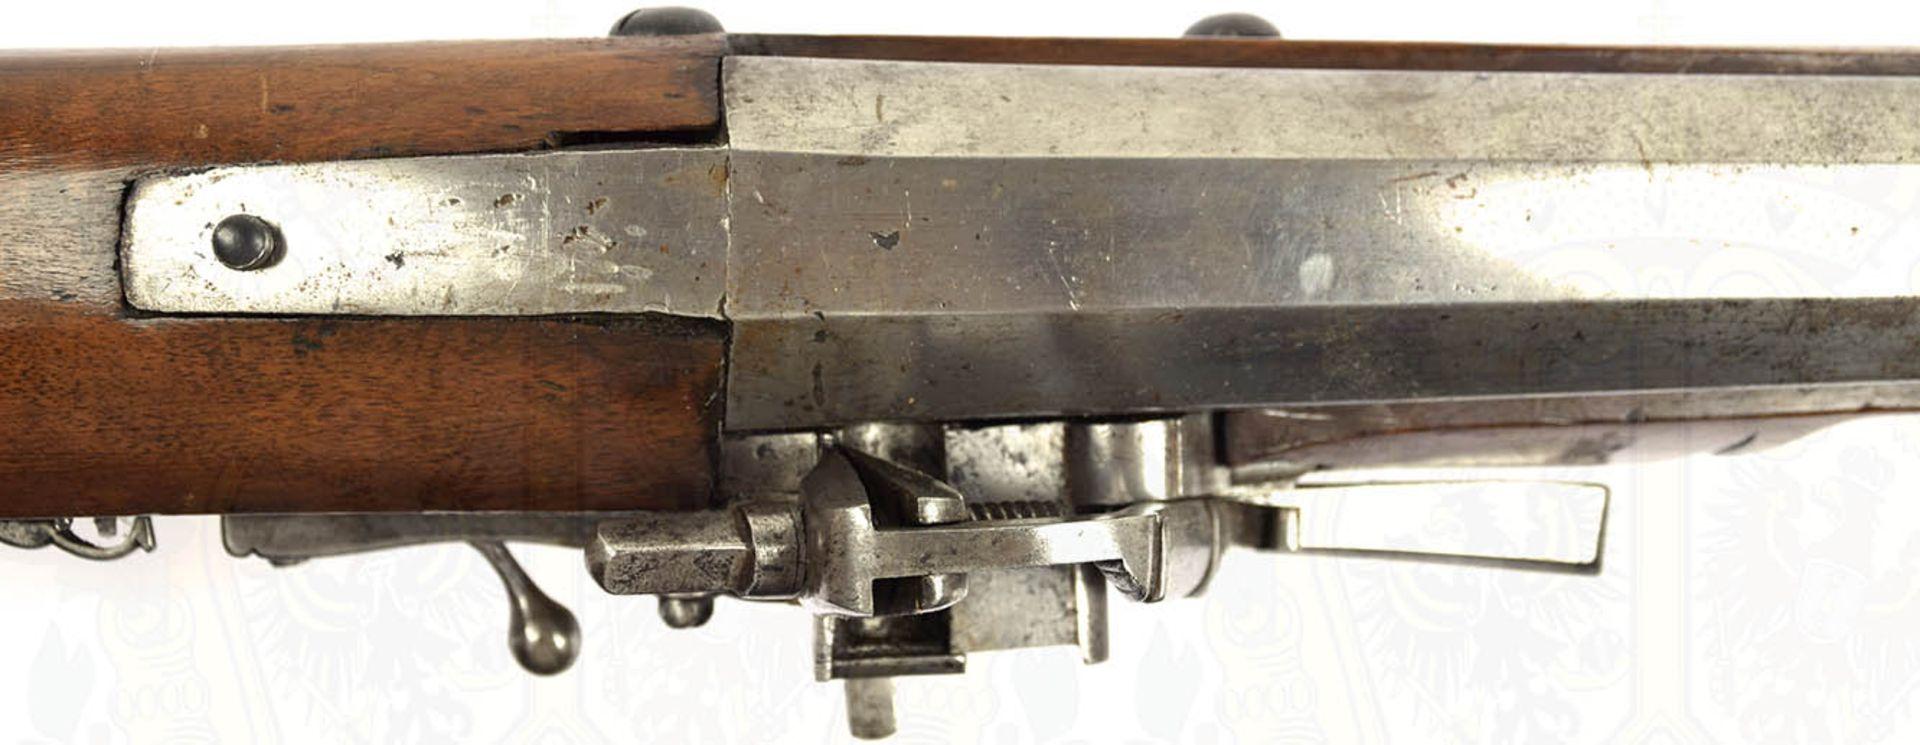 RADSCHLOß-WALLBÜCHSE, schöne, detailgetreue Nachfertigung eines Modells um 1700, eiserner, etwa - Bild 8 aus 9